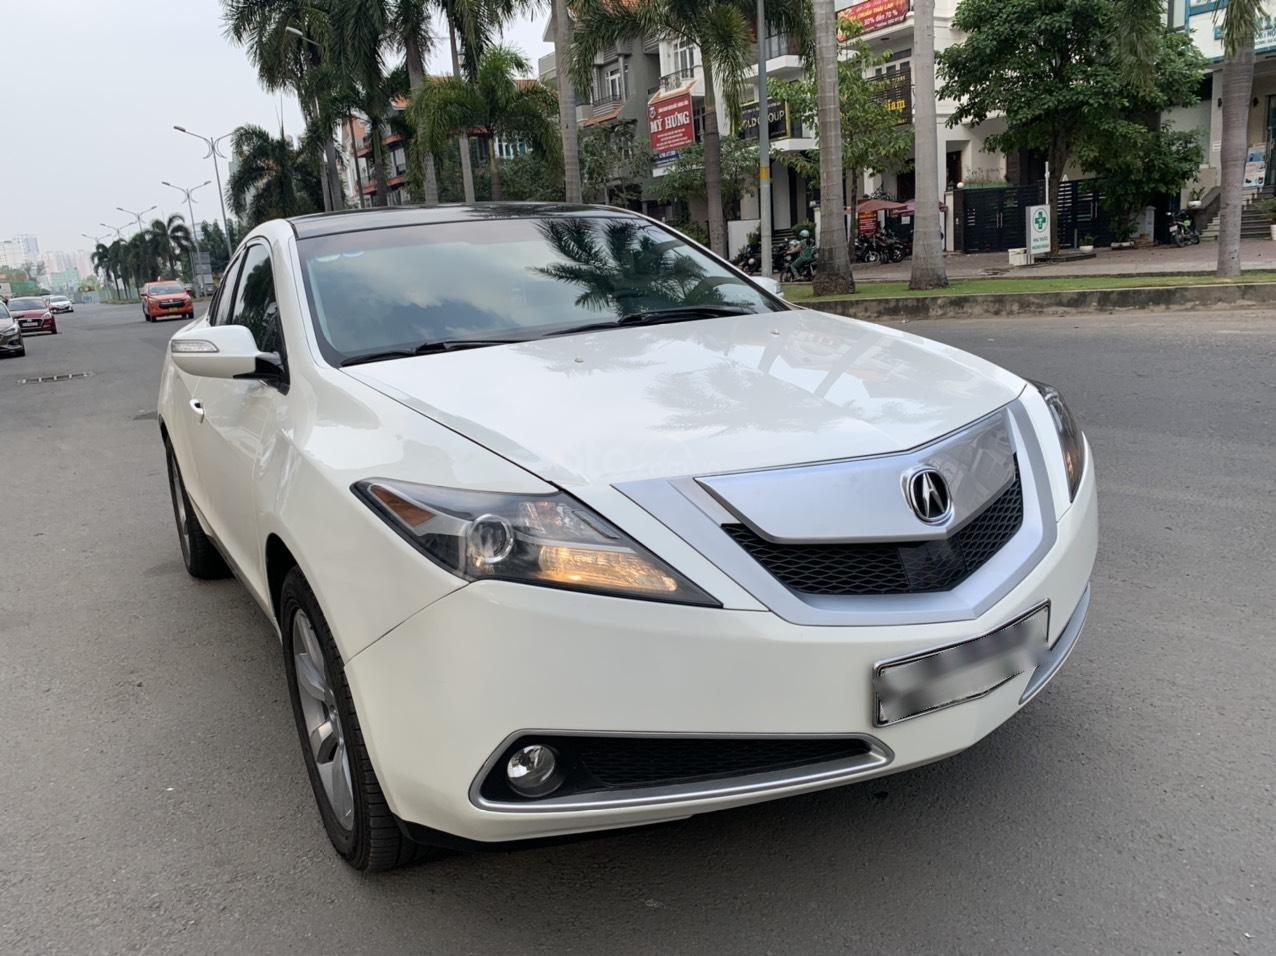 Cần bán xe Acura ZDX SX 2010, màu trắng giá 1 tỷ 130 triệu (9)